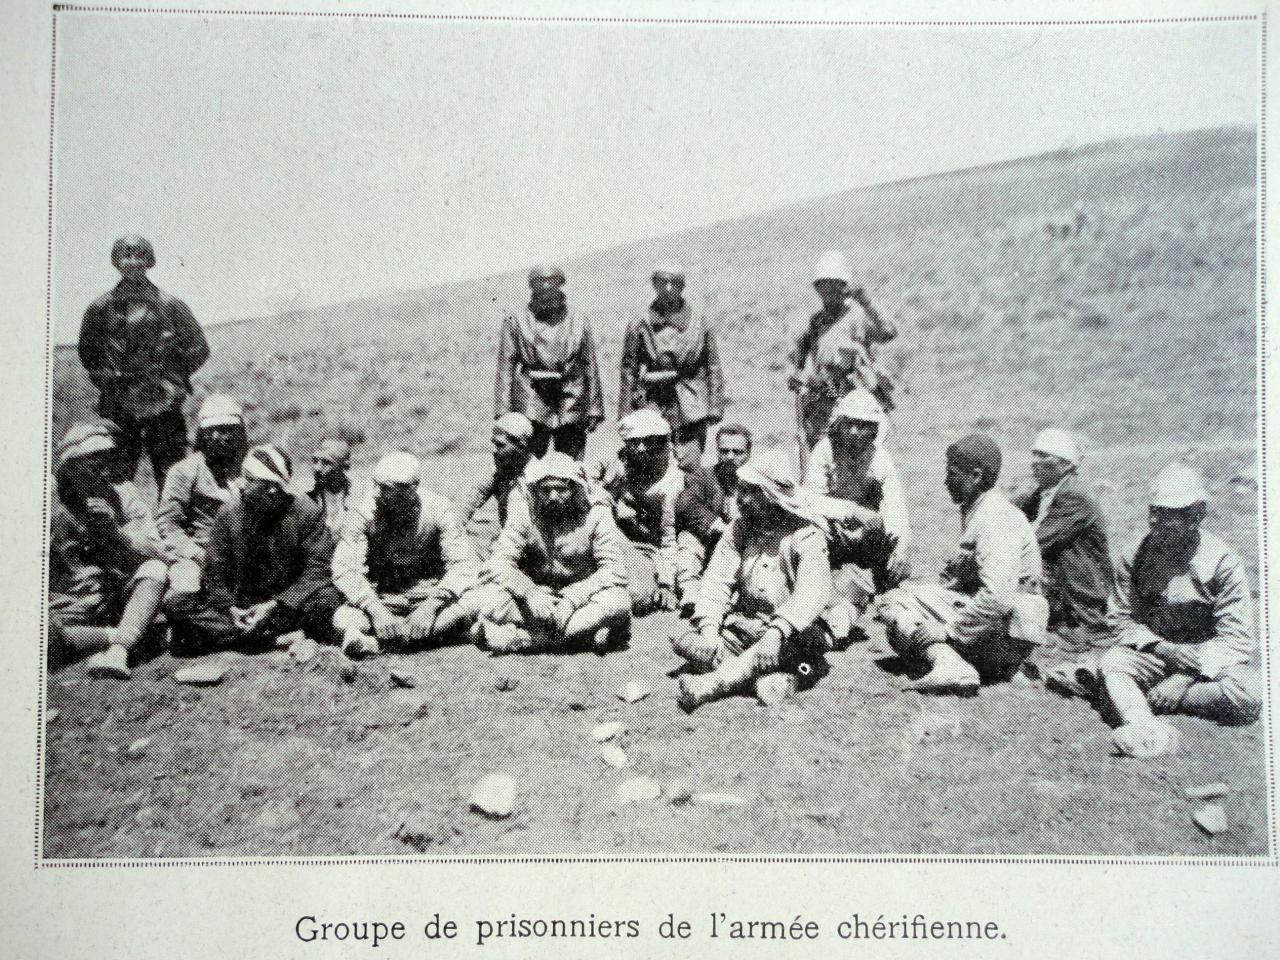 Groupe de prisonniers de l'armée cherifienne